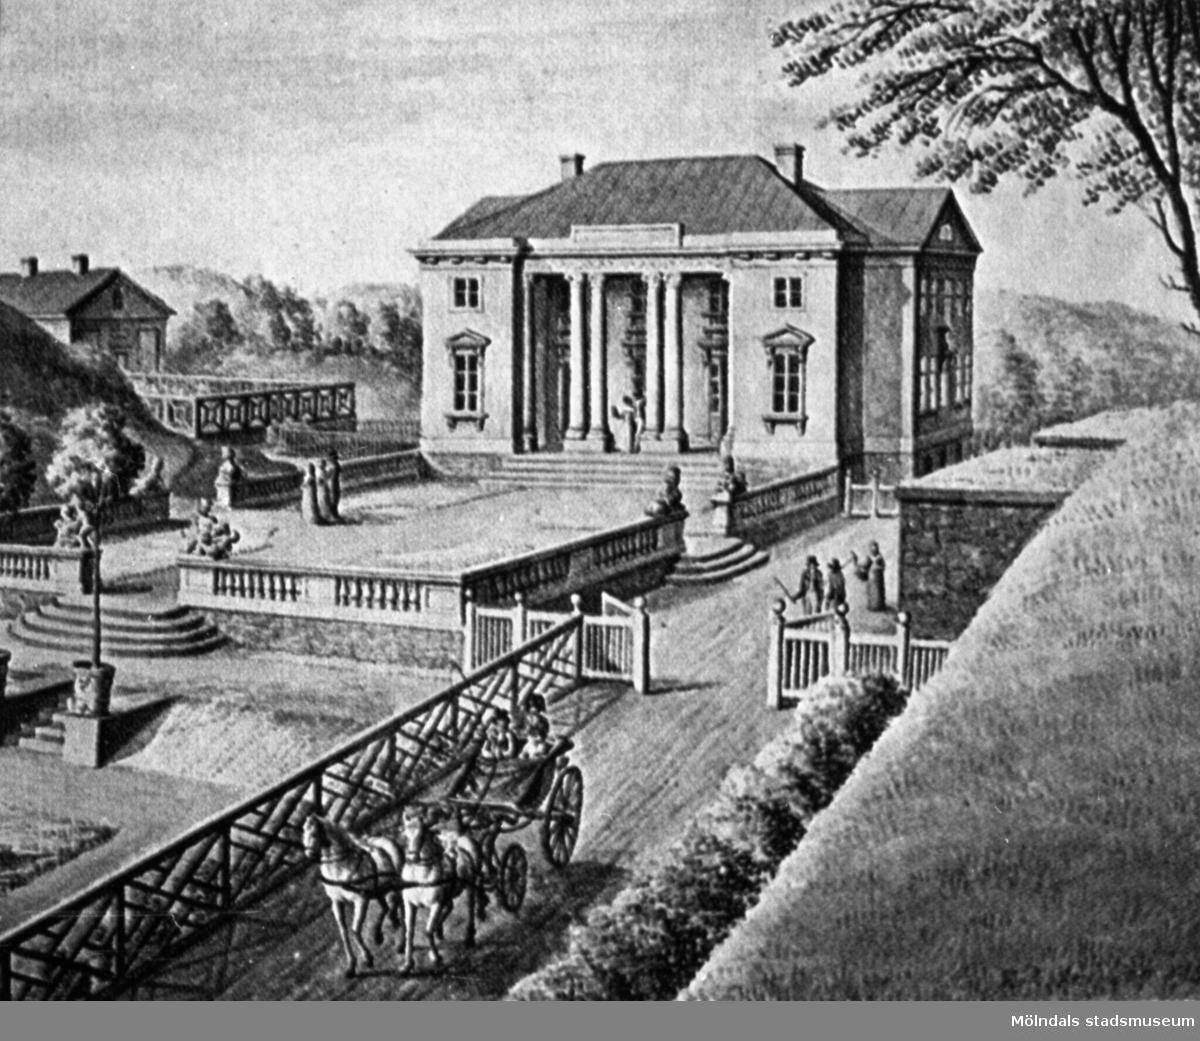 Gunnebo slotts norra sida. Avfotograferad bild från Evert Lundströms bok. Föreställer originalakvarell av J. F. Weinberg.